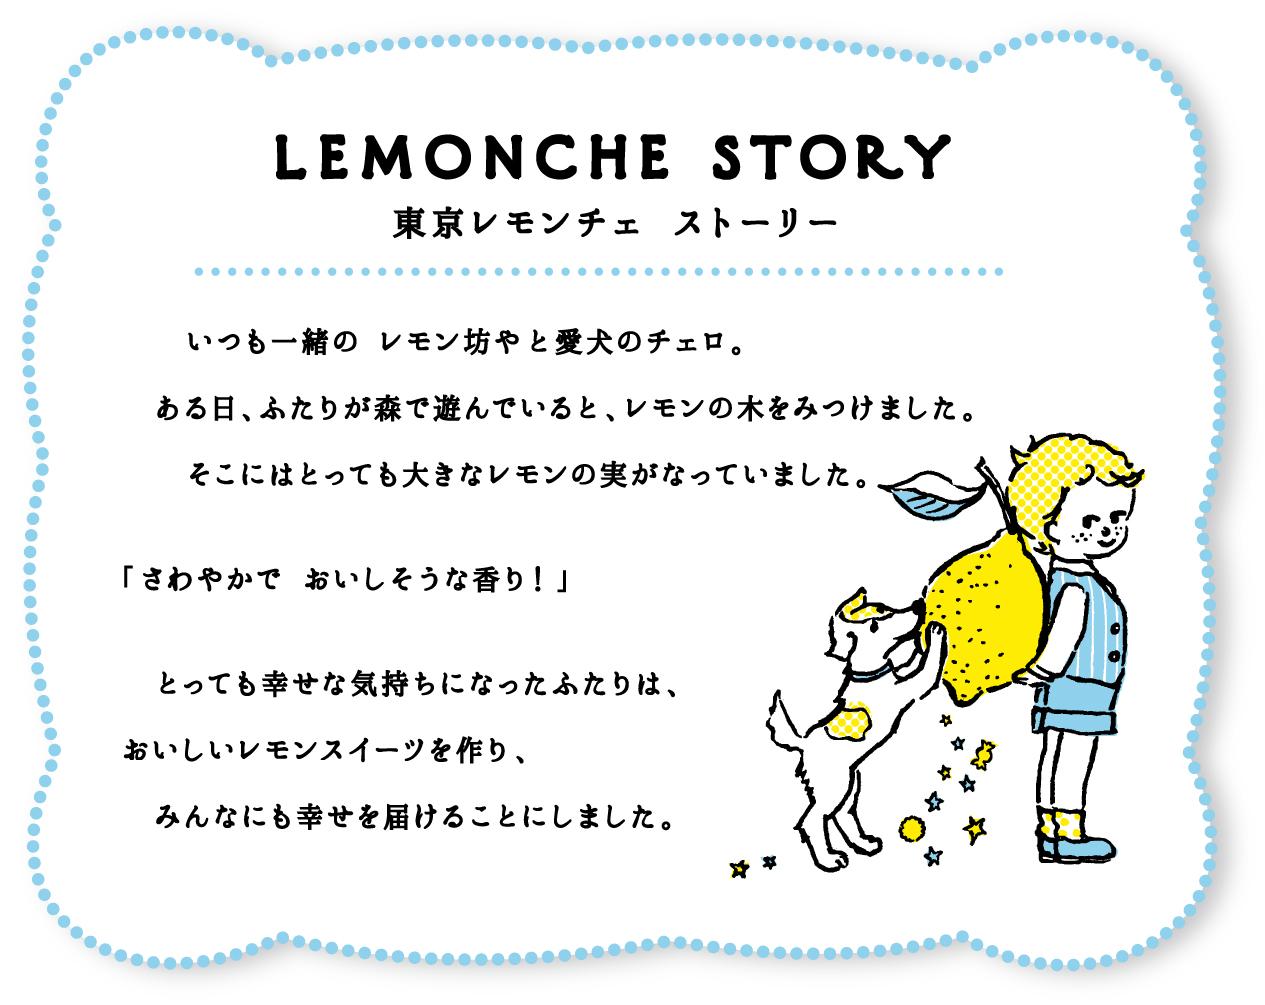 _lemonche_story